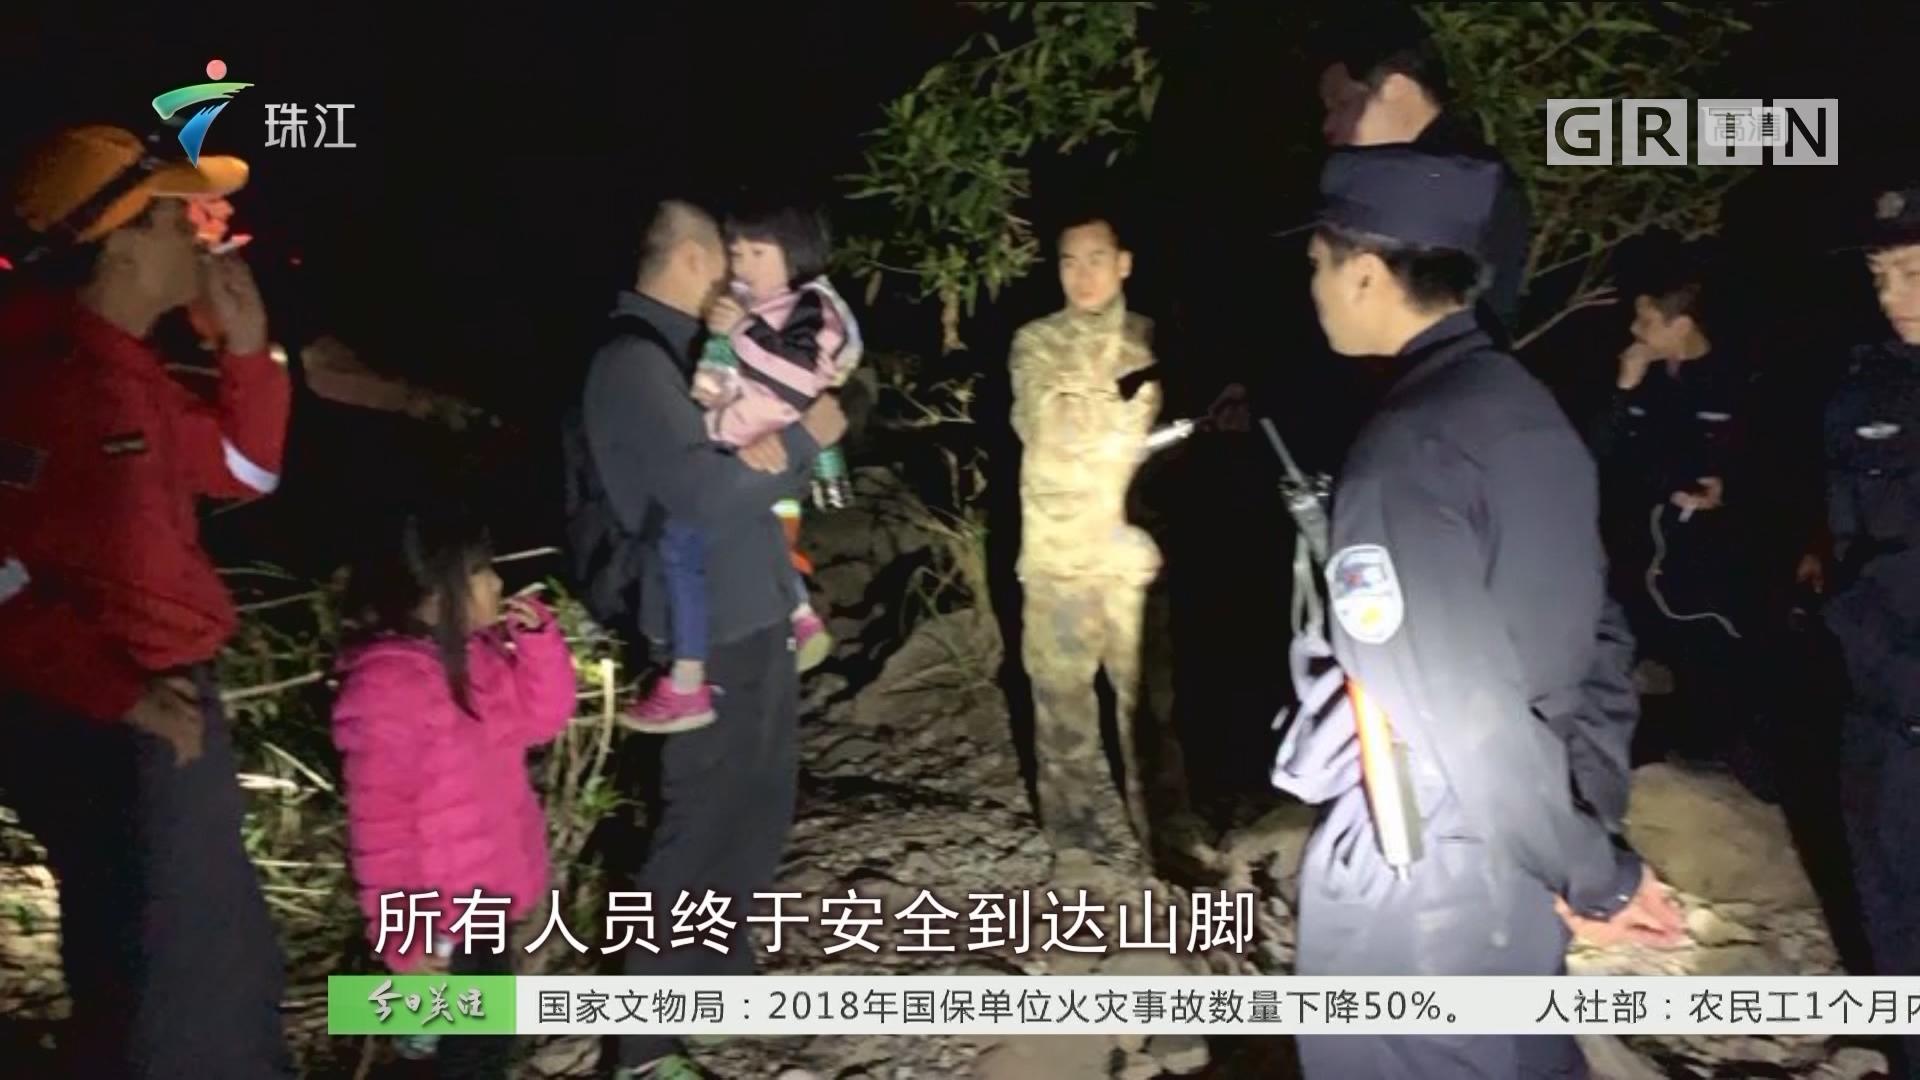 惠州:十人探险竟迷路 多部门出动成功救援